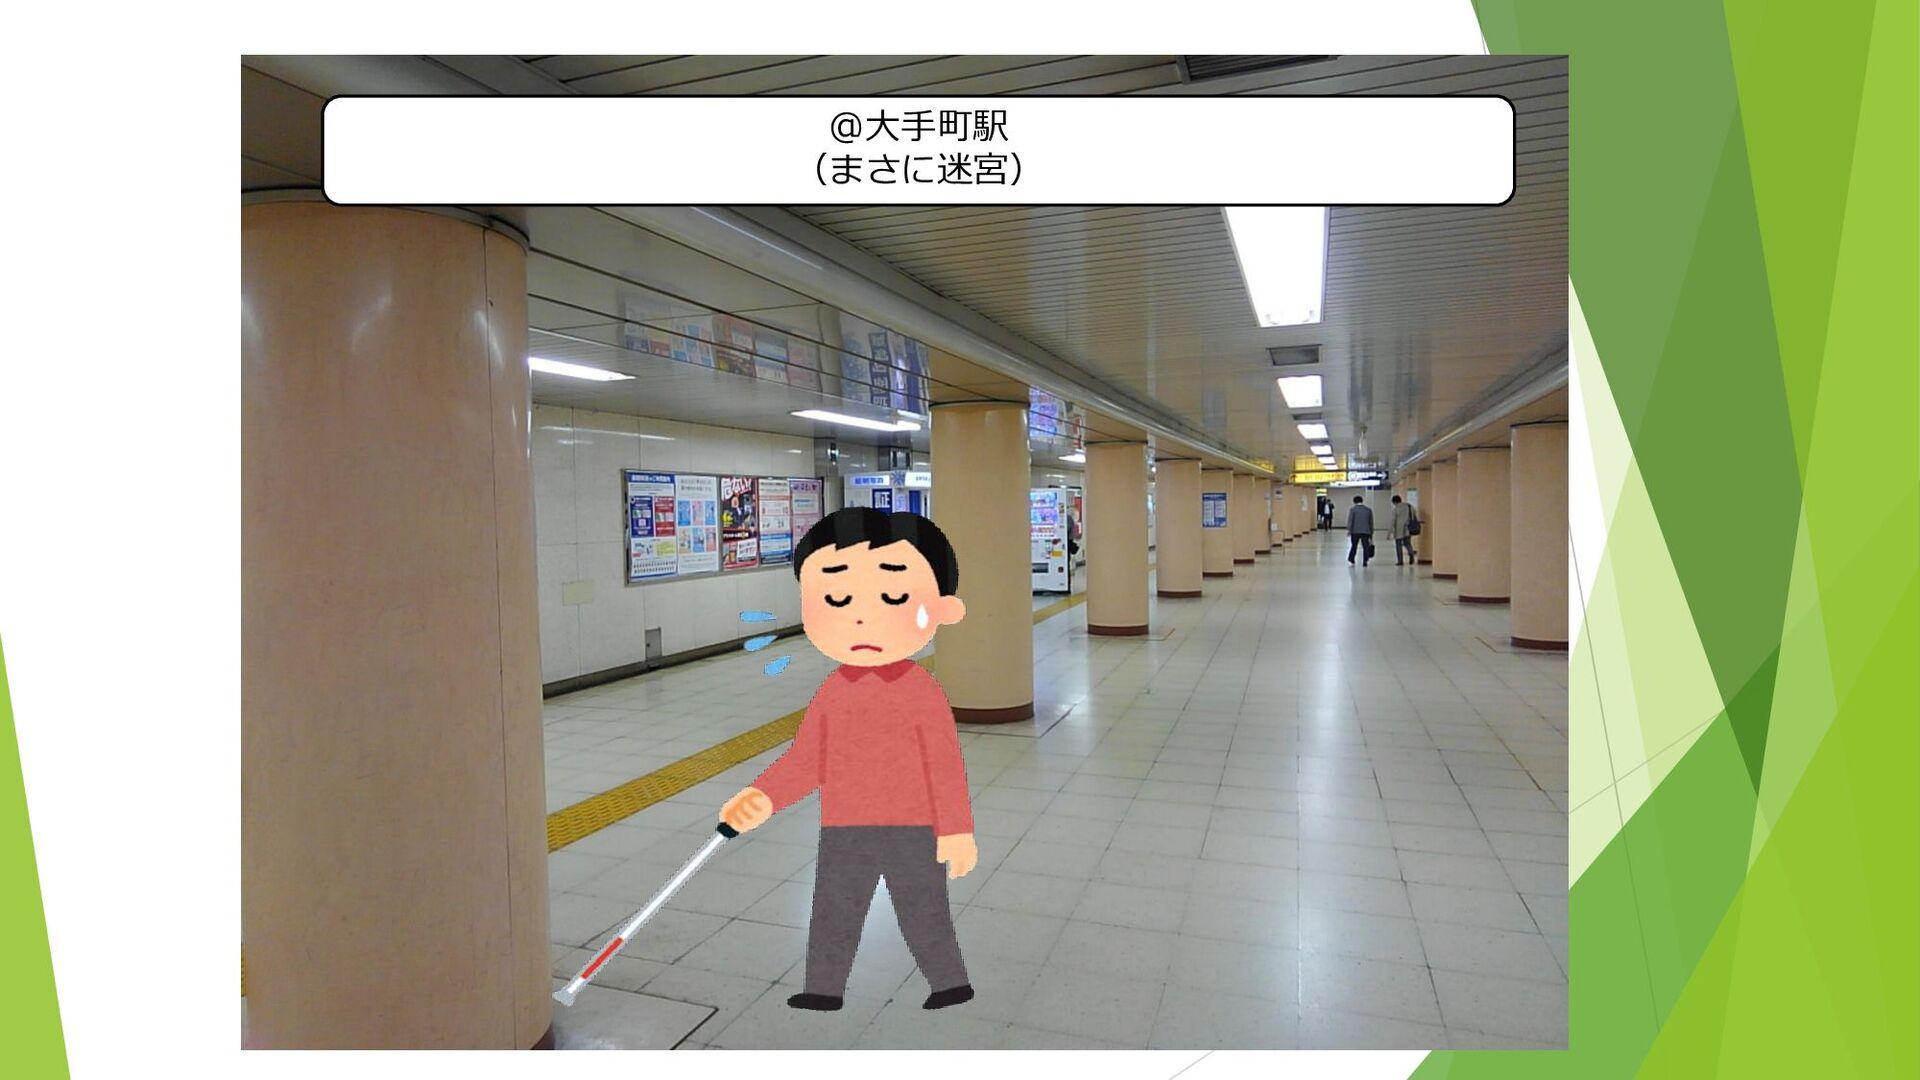 @大手町駅 (まさに迷宮)